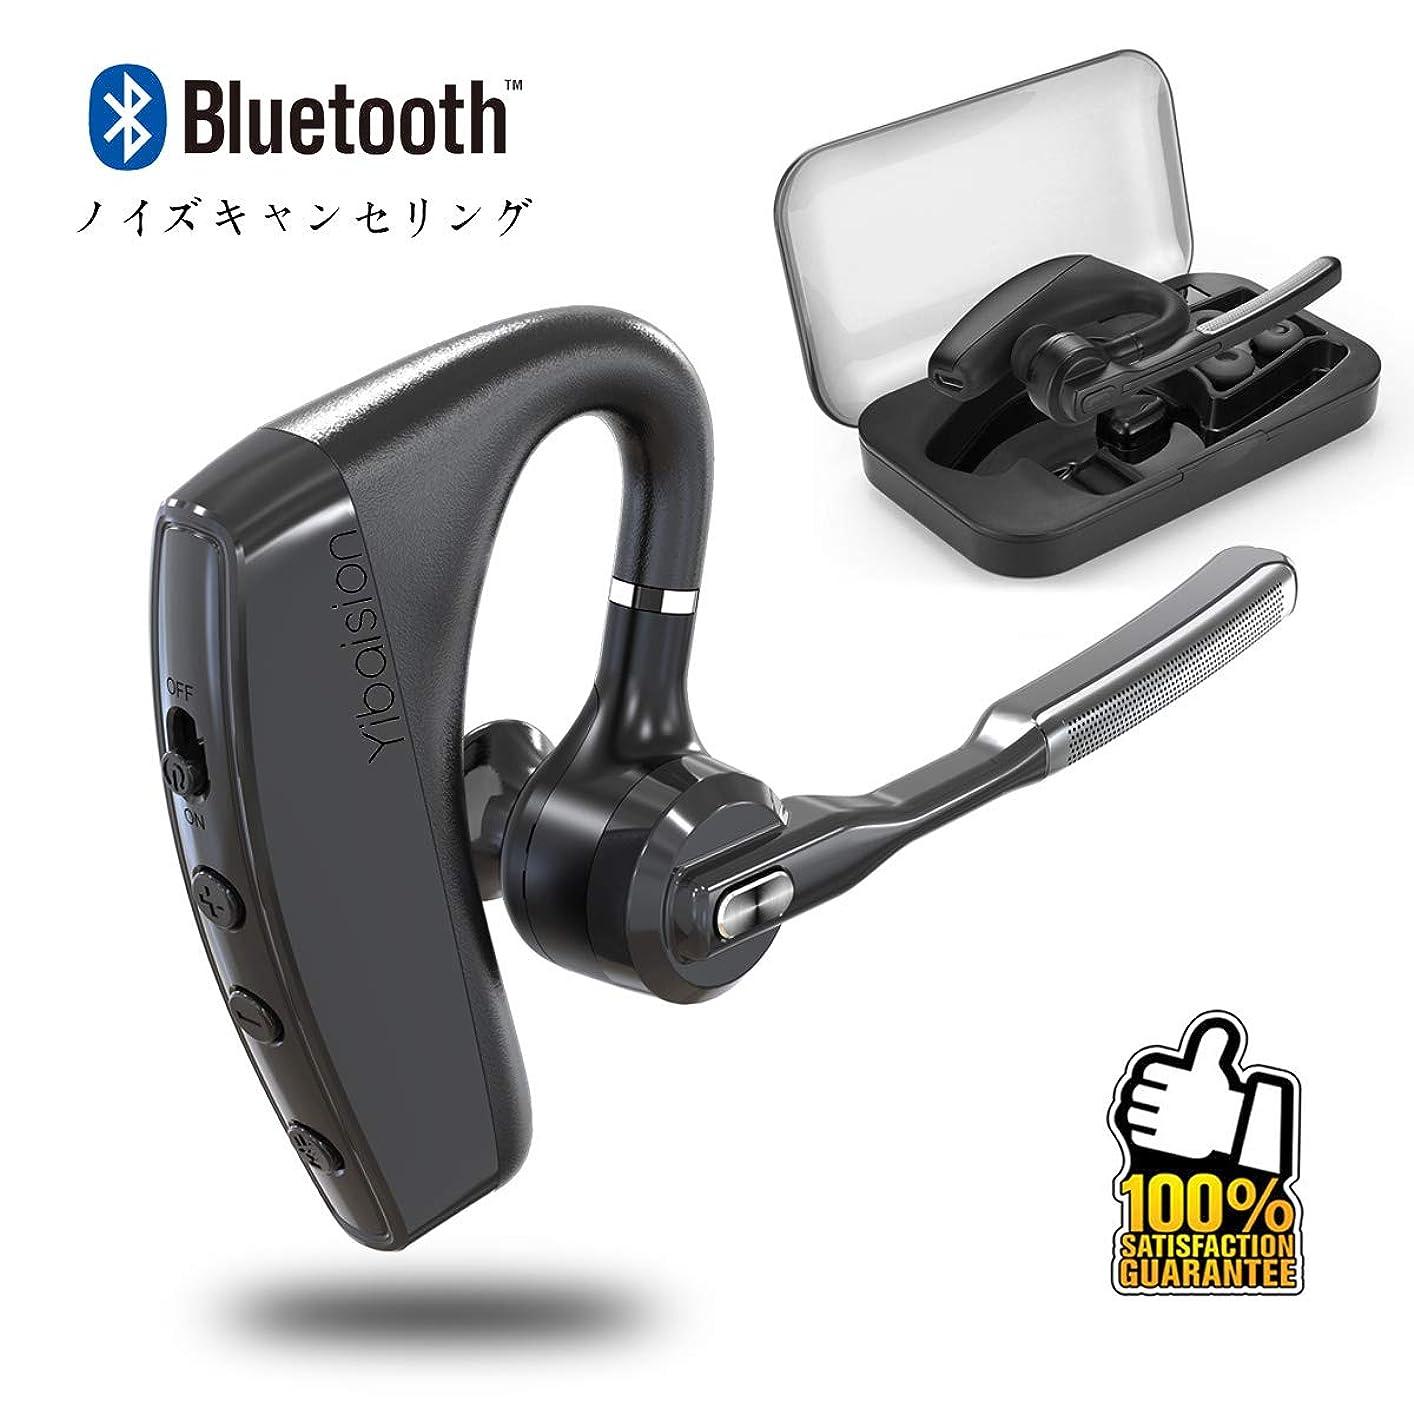 熟すテーブルオレンジYibaision ノイズキャンセリング進化版 Bluetoothヘッドセット ケース付き 携帯やすい ブルートゥース ヘッドセット防水イヤホン ワイヤレス 片耳 ヘッドセット HI-FI高音質 ヘッドホン ハンズフリー通話 両耳適用 ダブルマイク 軽量 大容量バッテリー 日本語説明書付き ブラック